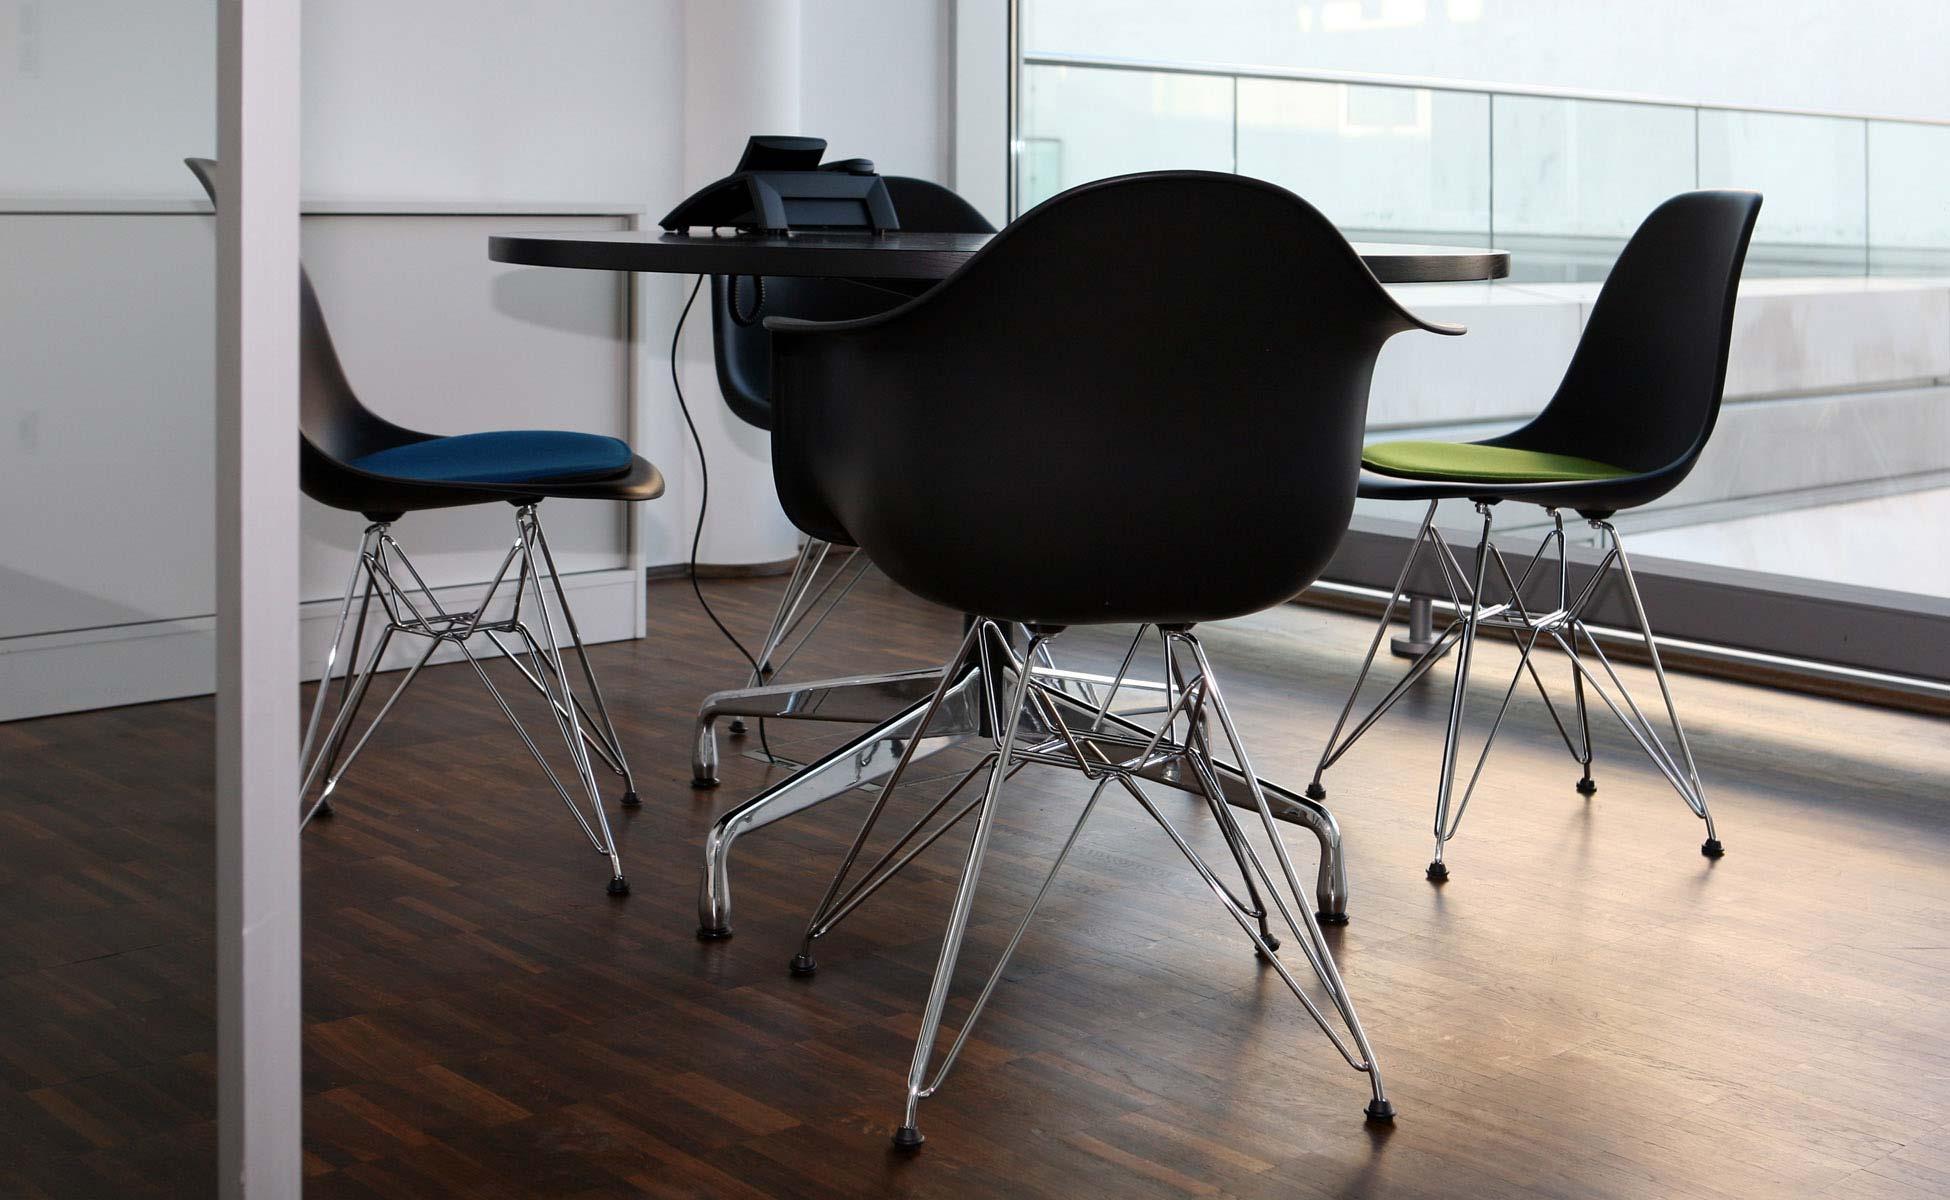 Office Interior Vitra Eames Besprechung bei steidten+ Berlin